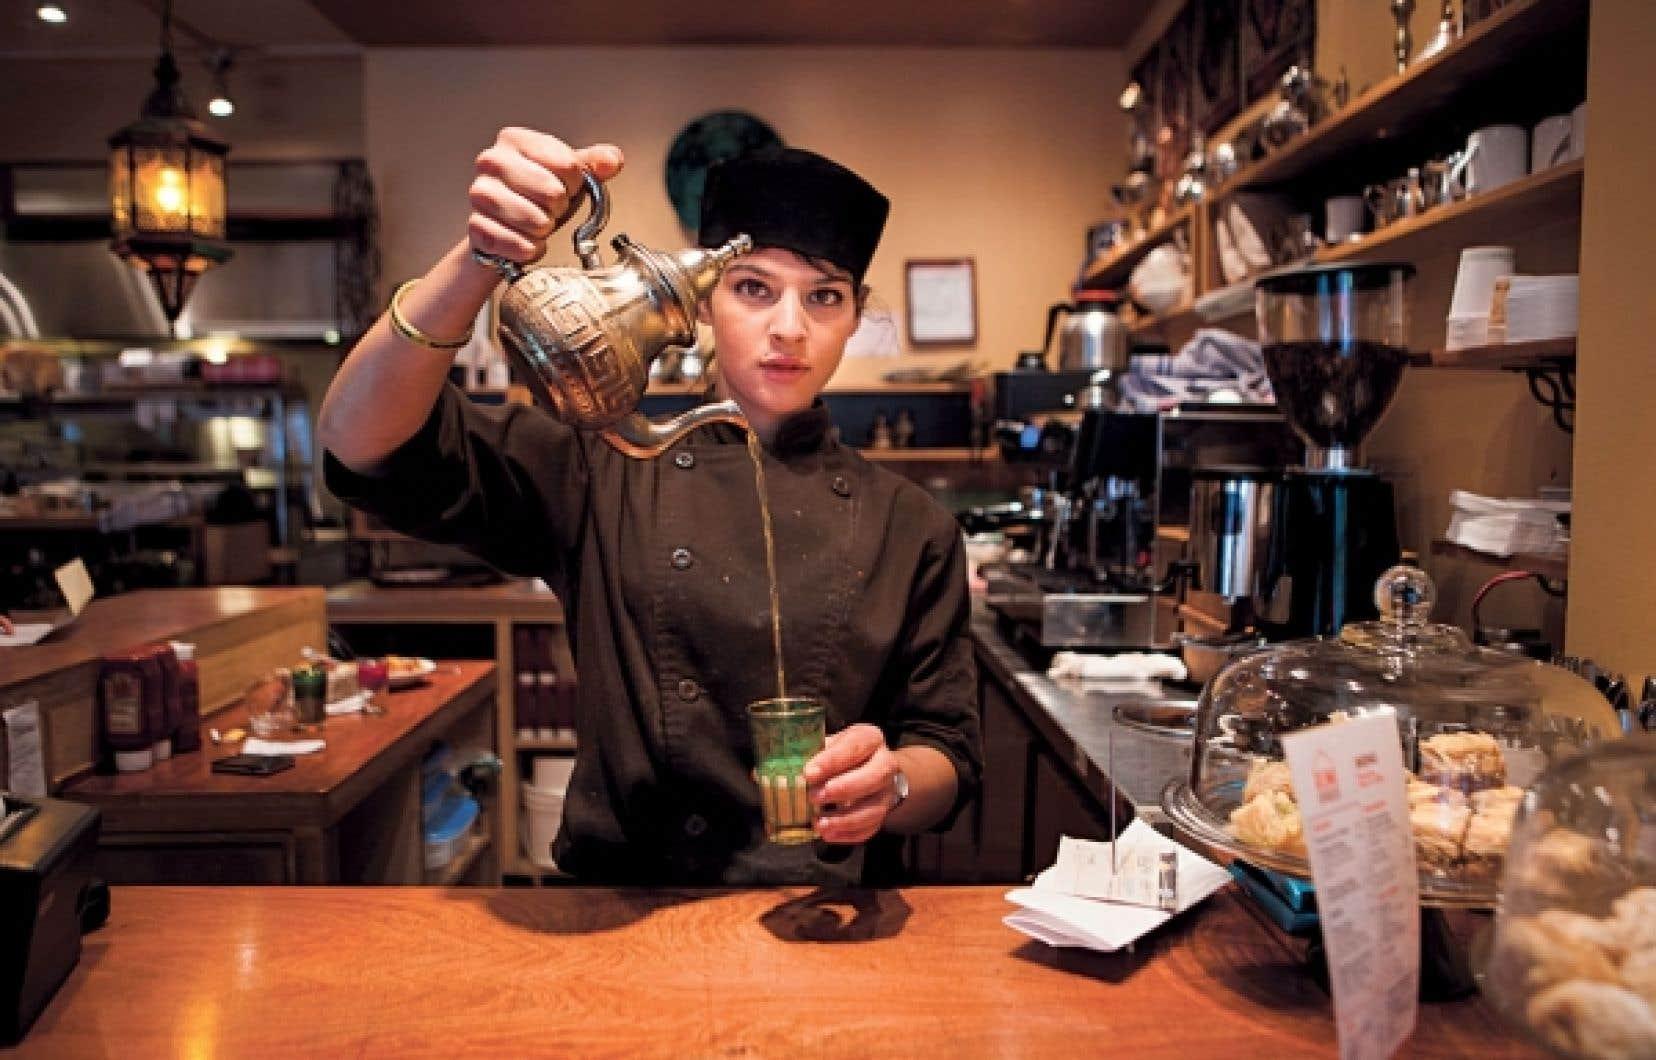 Au restaurant Rumi Express, on ne sert pas d'alcool, mais du thé à la menthe, ou noir, ainsi que des boissons gazeuses.